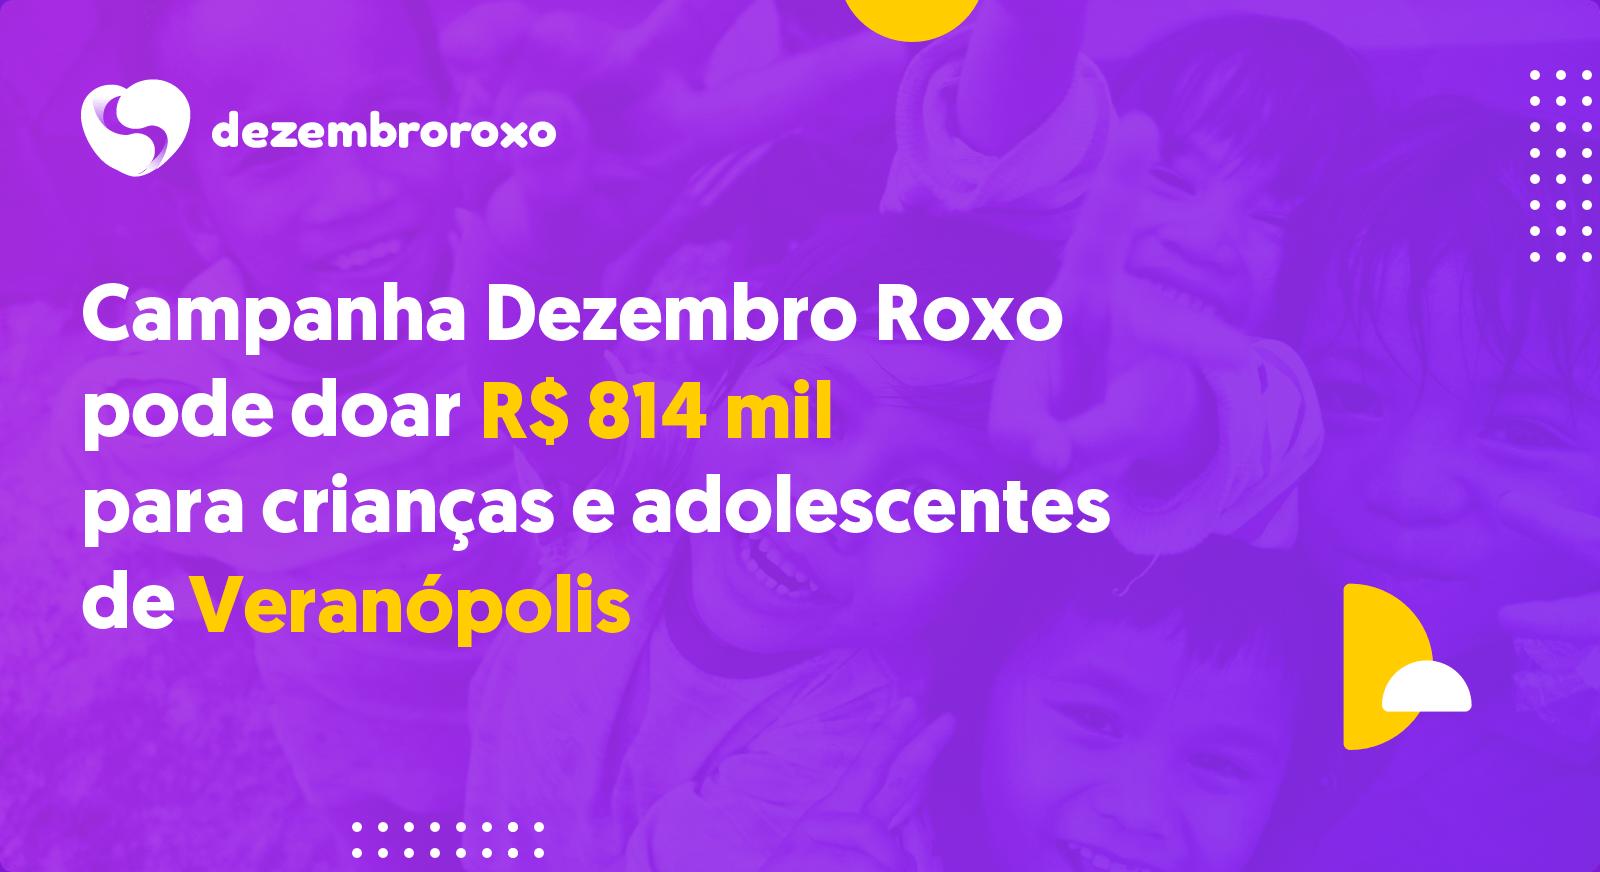 Doações em Veranópolis - RS